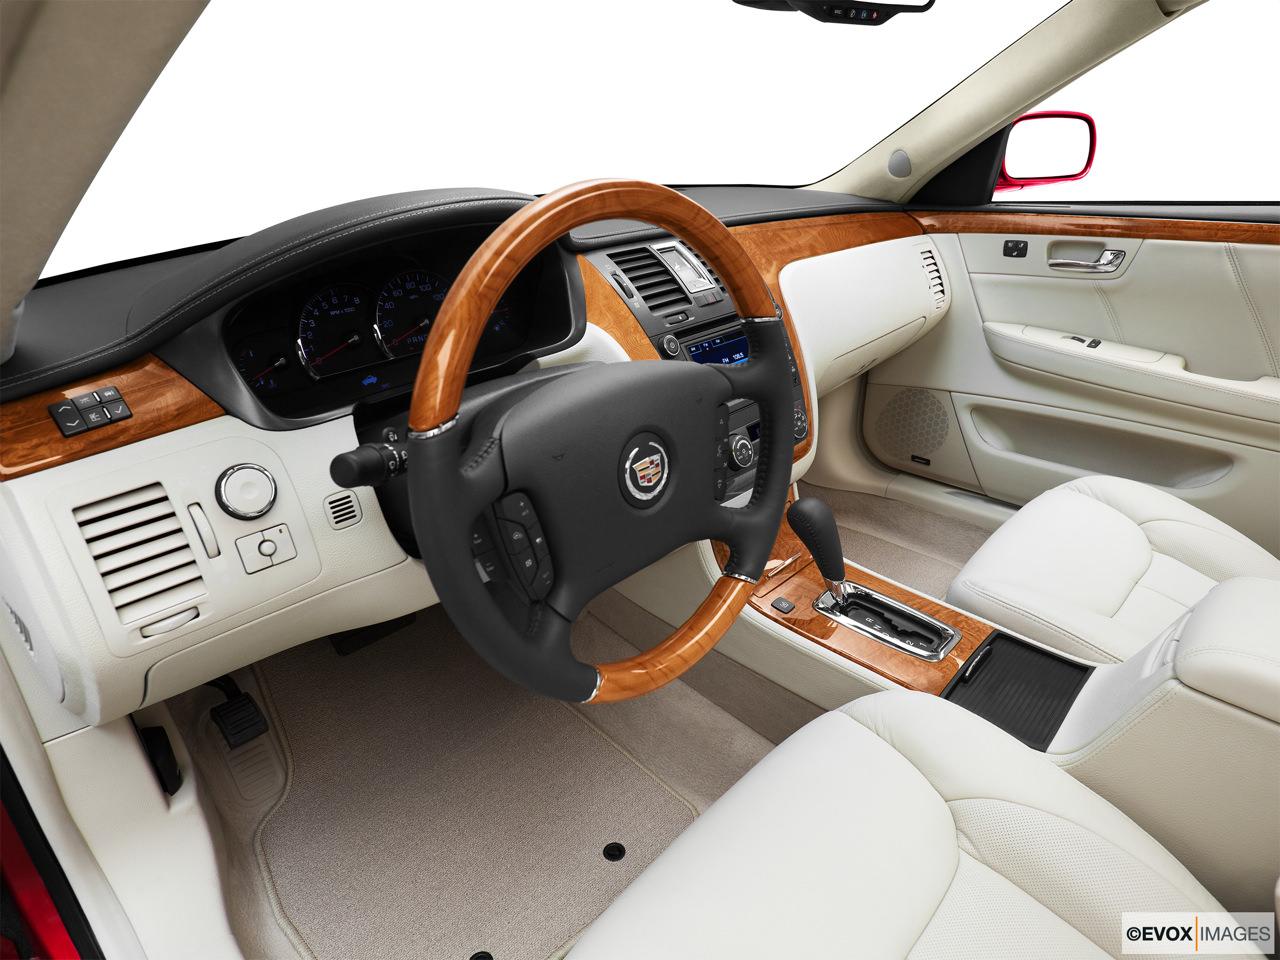 Cadillac DTS 2011 interior